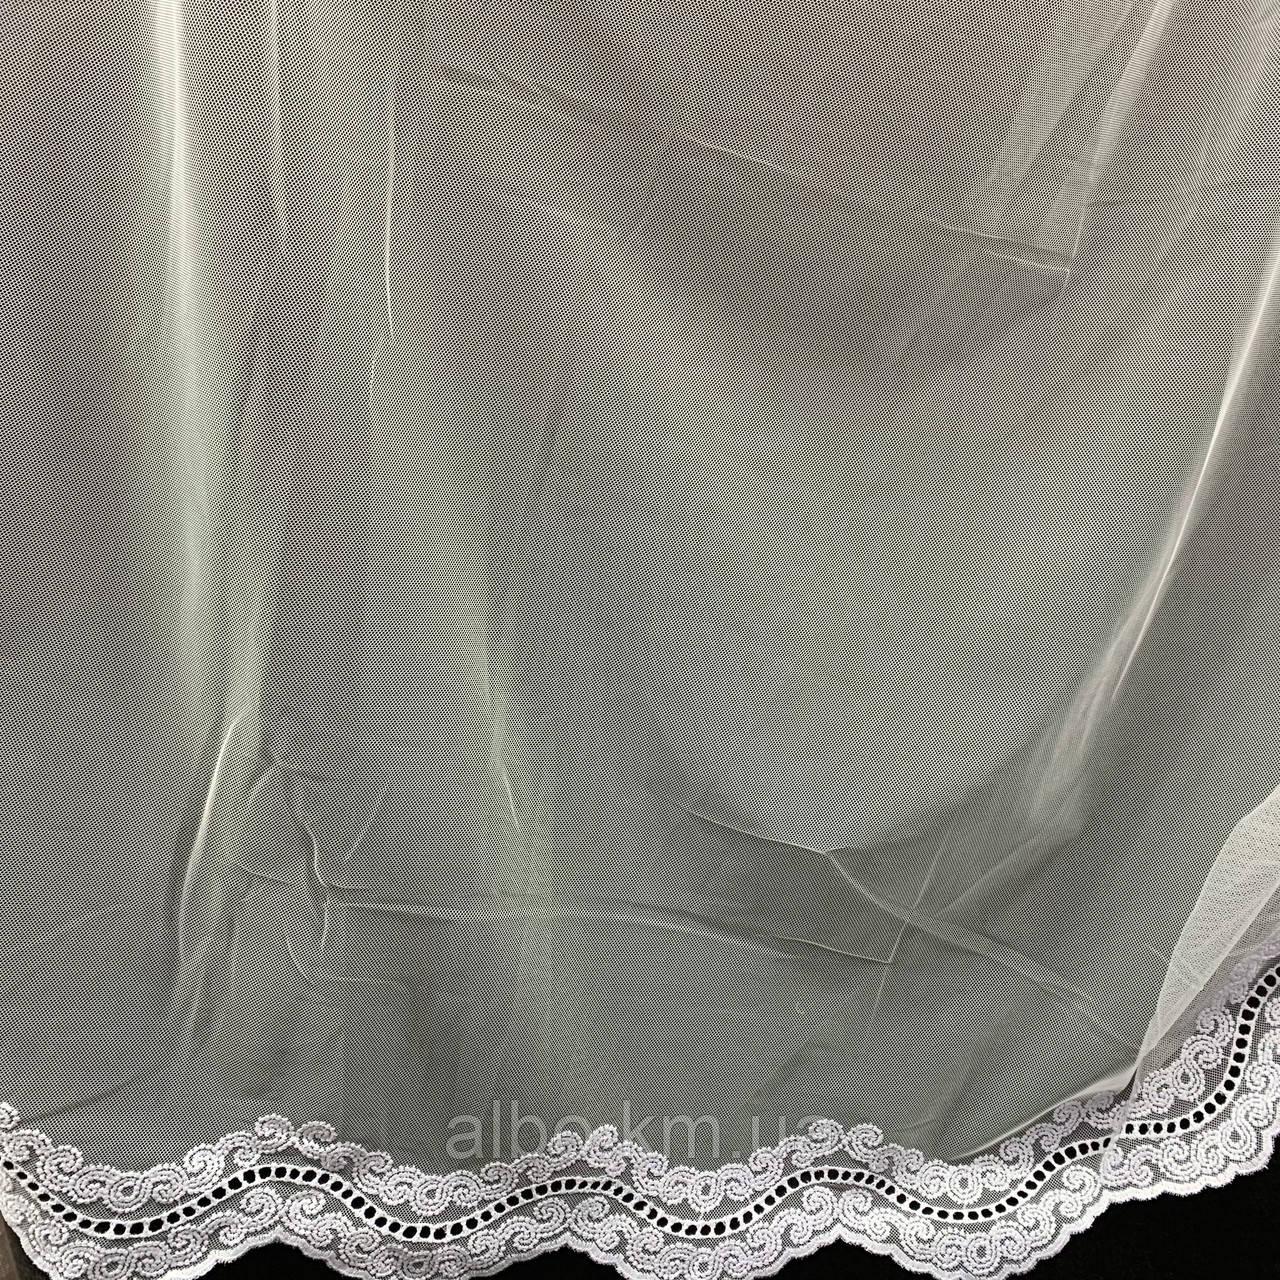 Элегантный белый тюль из фатина с декоративной вышивкой внизу на метраж, высота 3 м